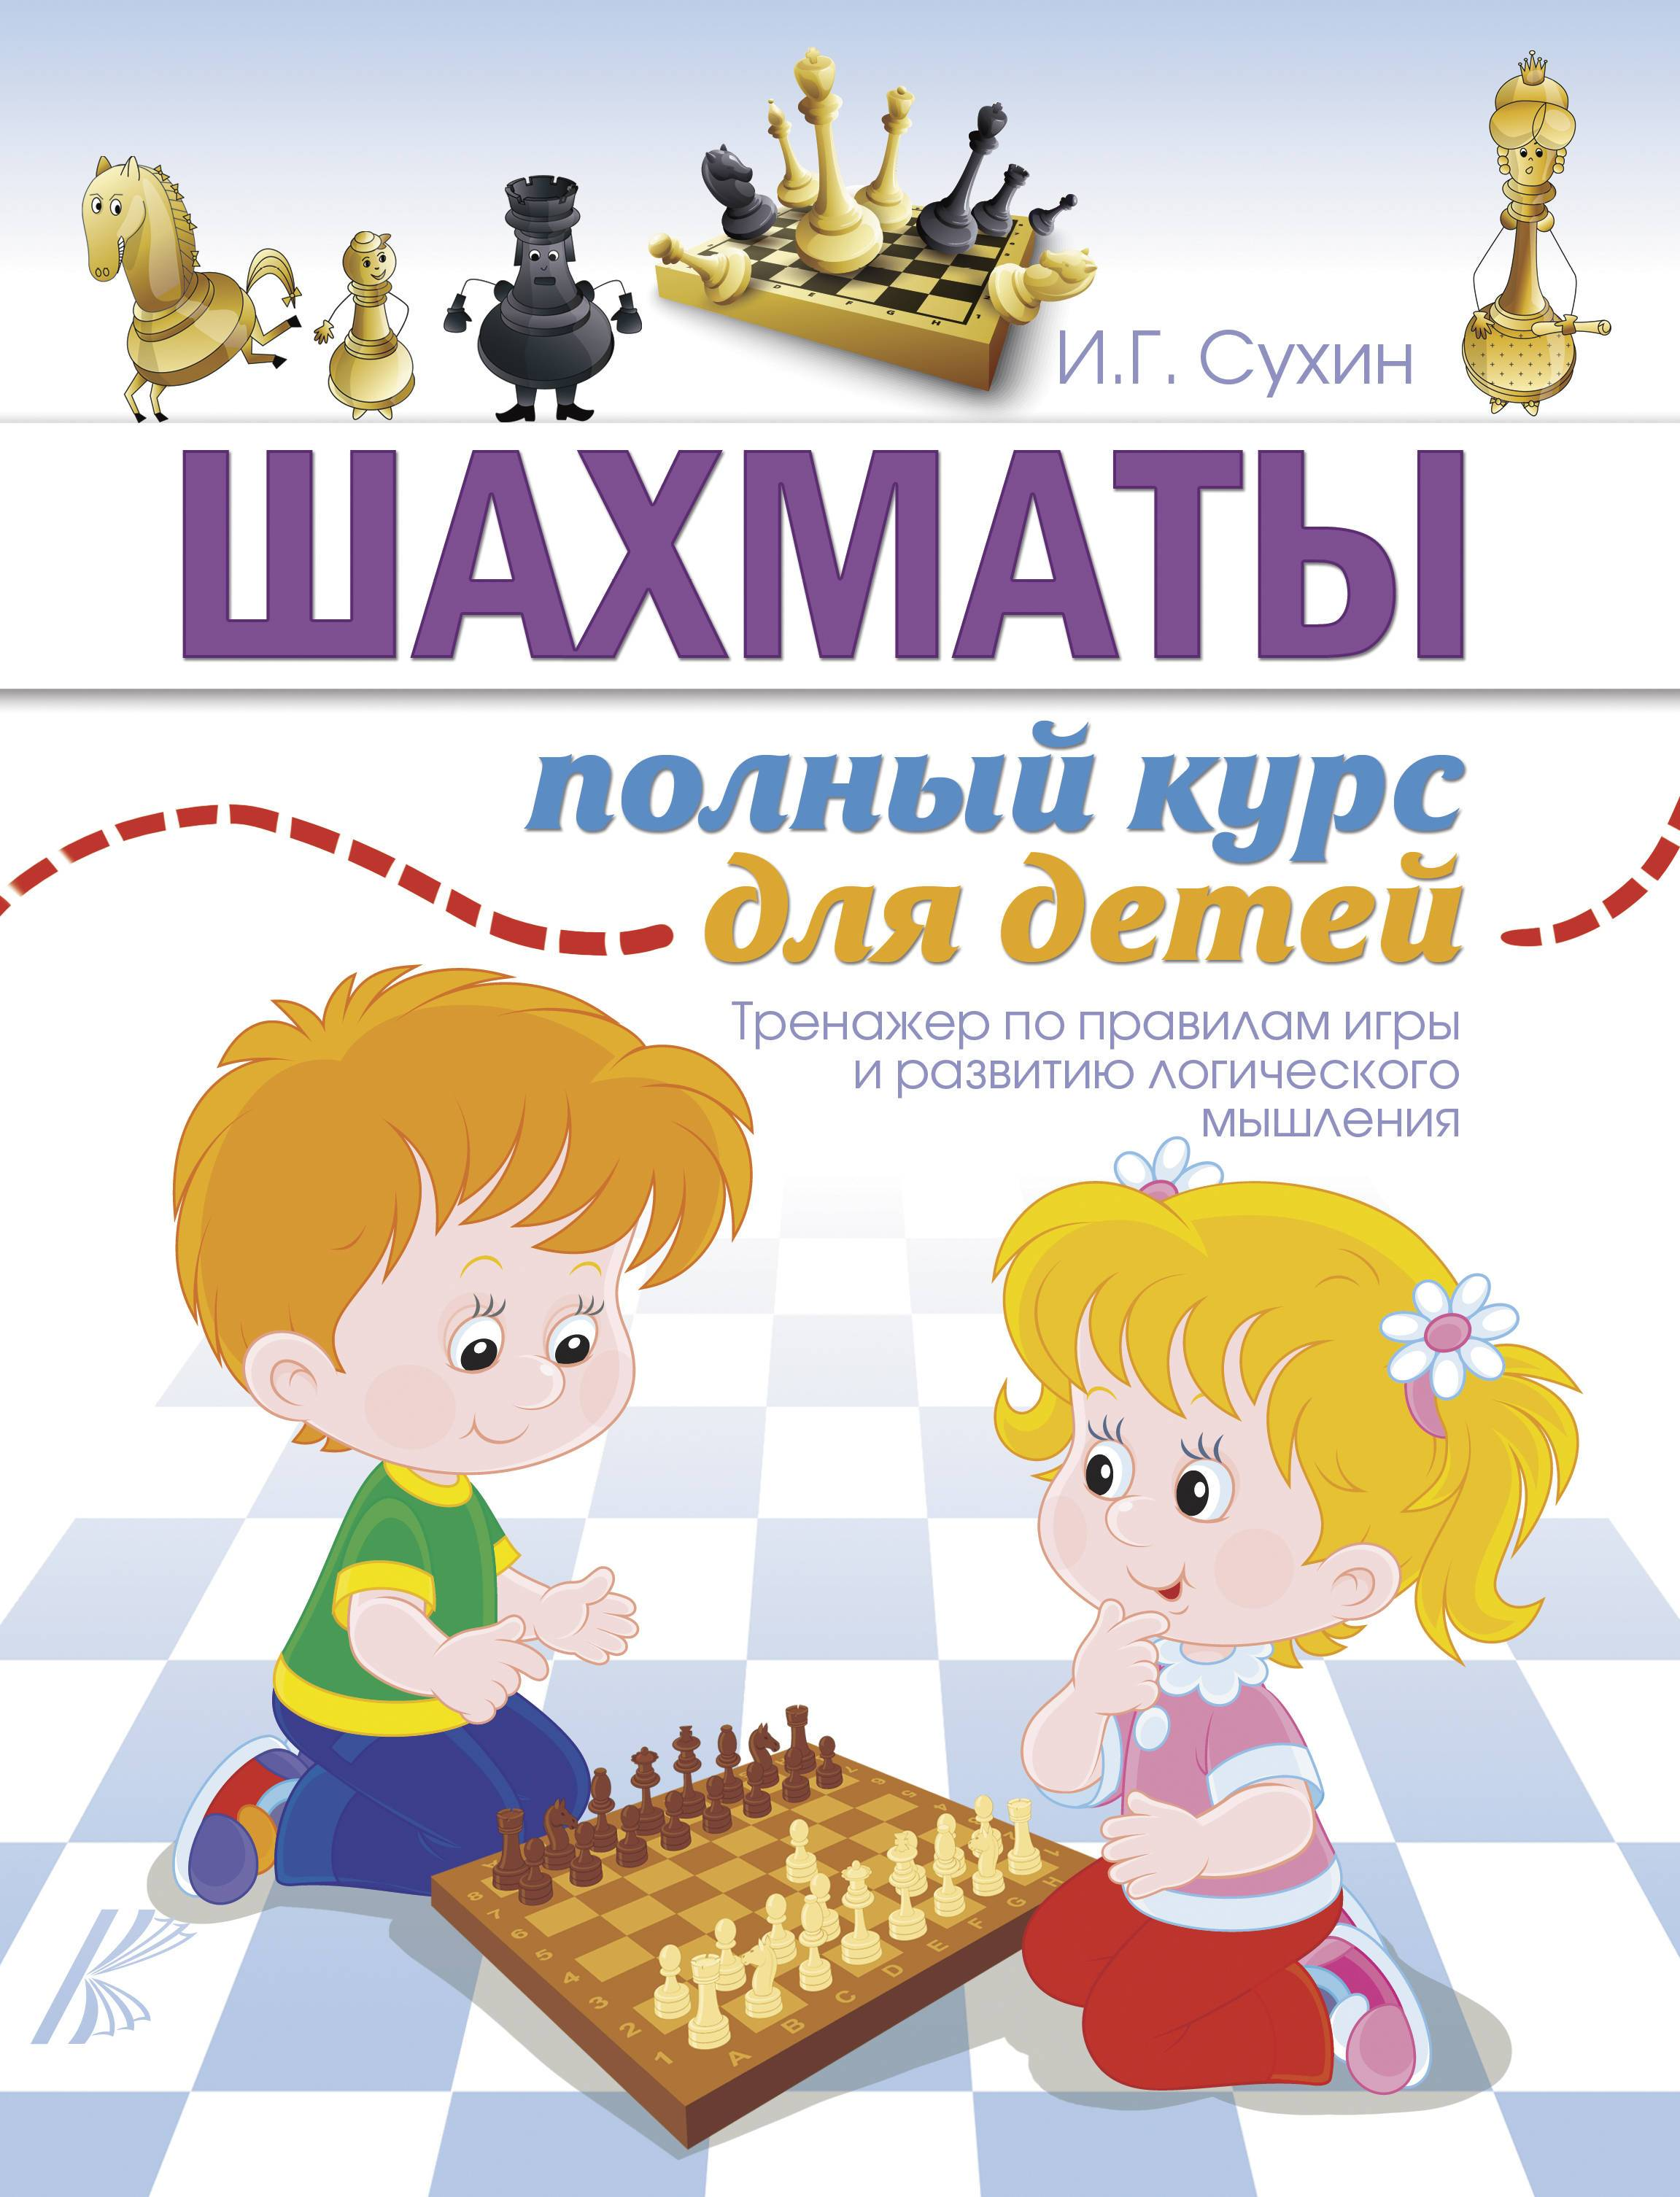 Учим ребёнка шахматам: лёгкие правила для сложной игры